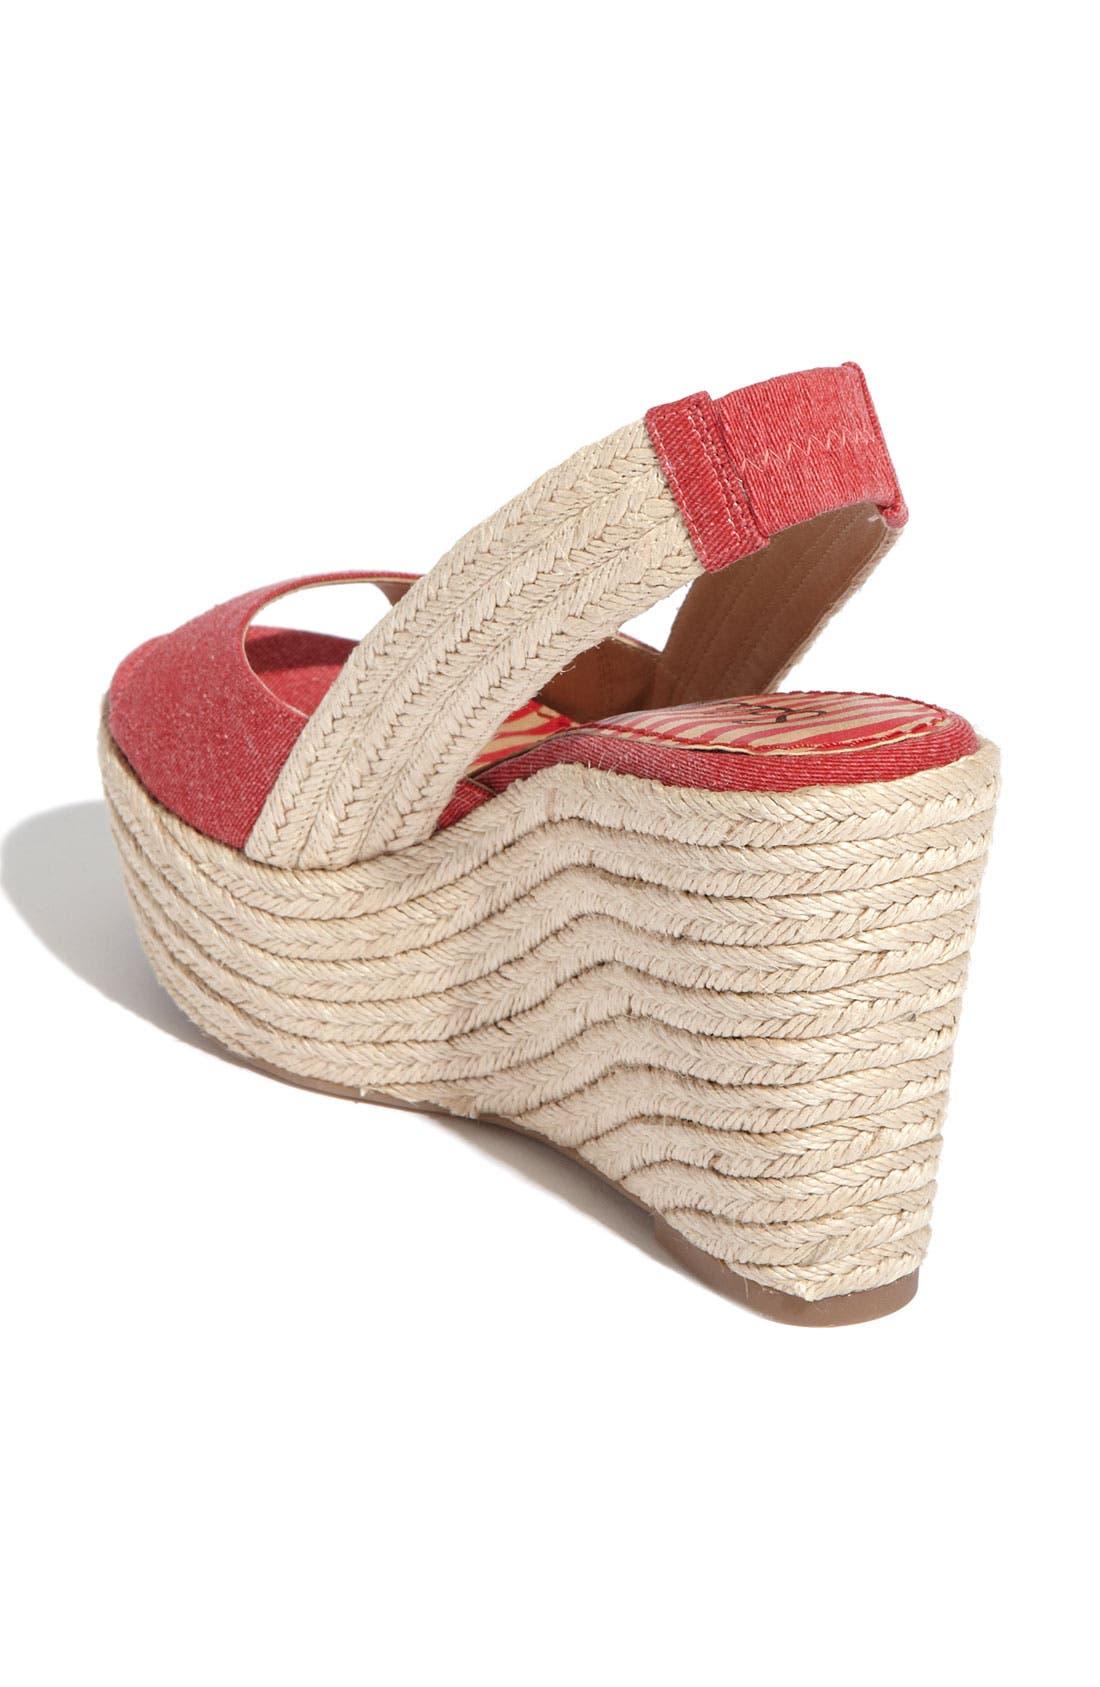 Alternate Image 2  - Splendid 'Perfect' Espadrille Sandal